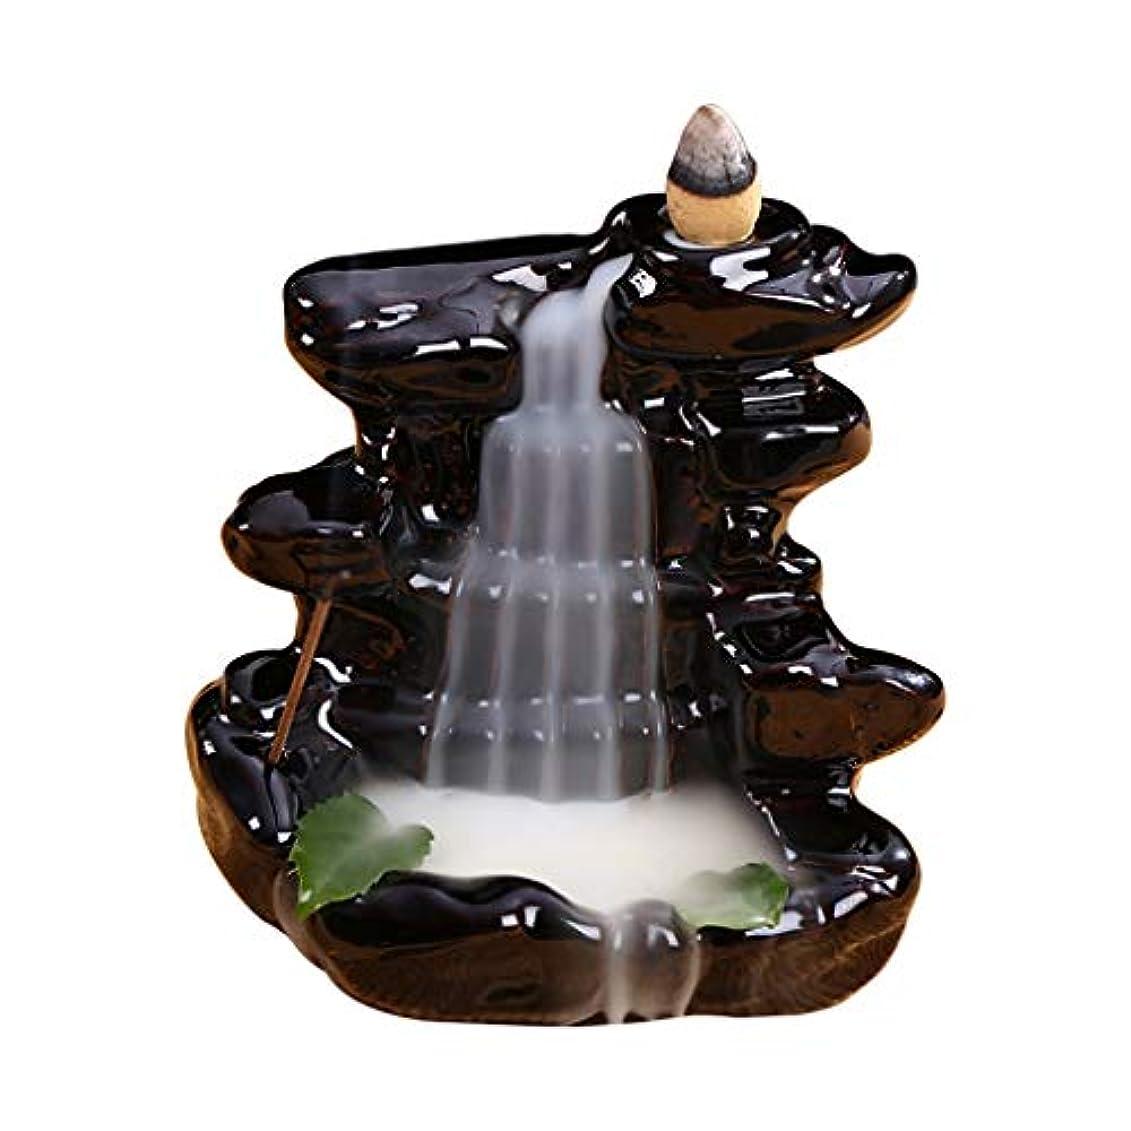 言語学配分ハッチ渓流セラミック香炉バックフロー滝香ホルダーホーム香り装飾香スティックコーンバーナーホルダー (Color : Black, サイズ : 4.33*4.44 inches)